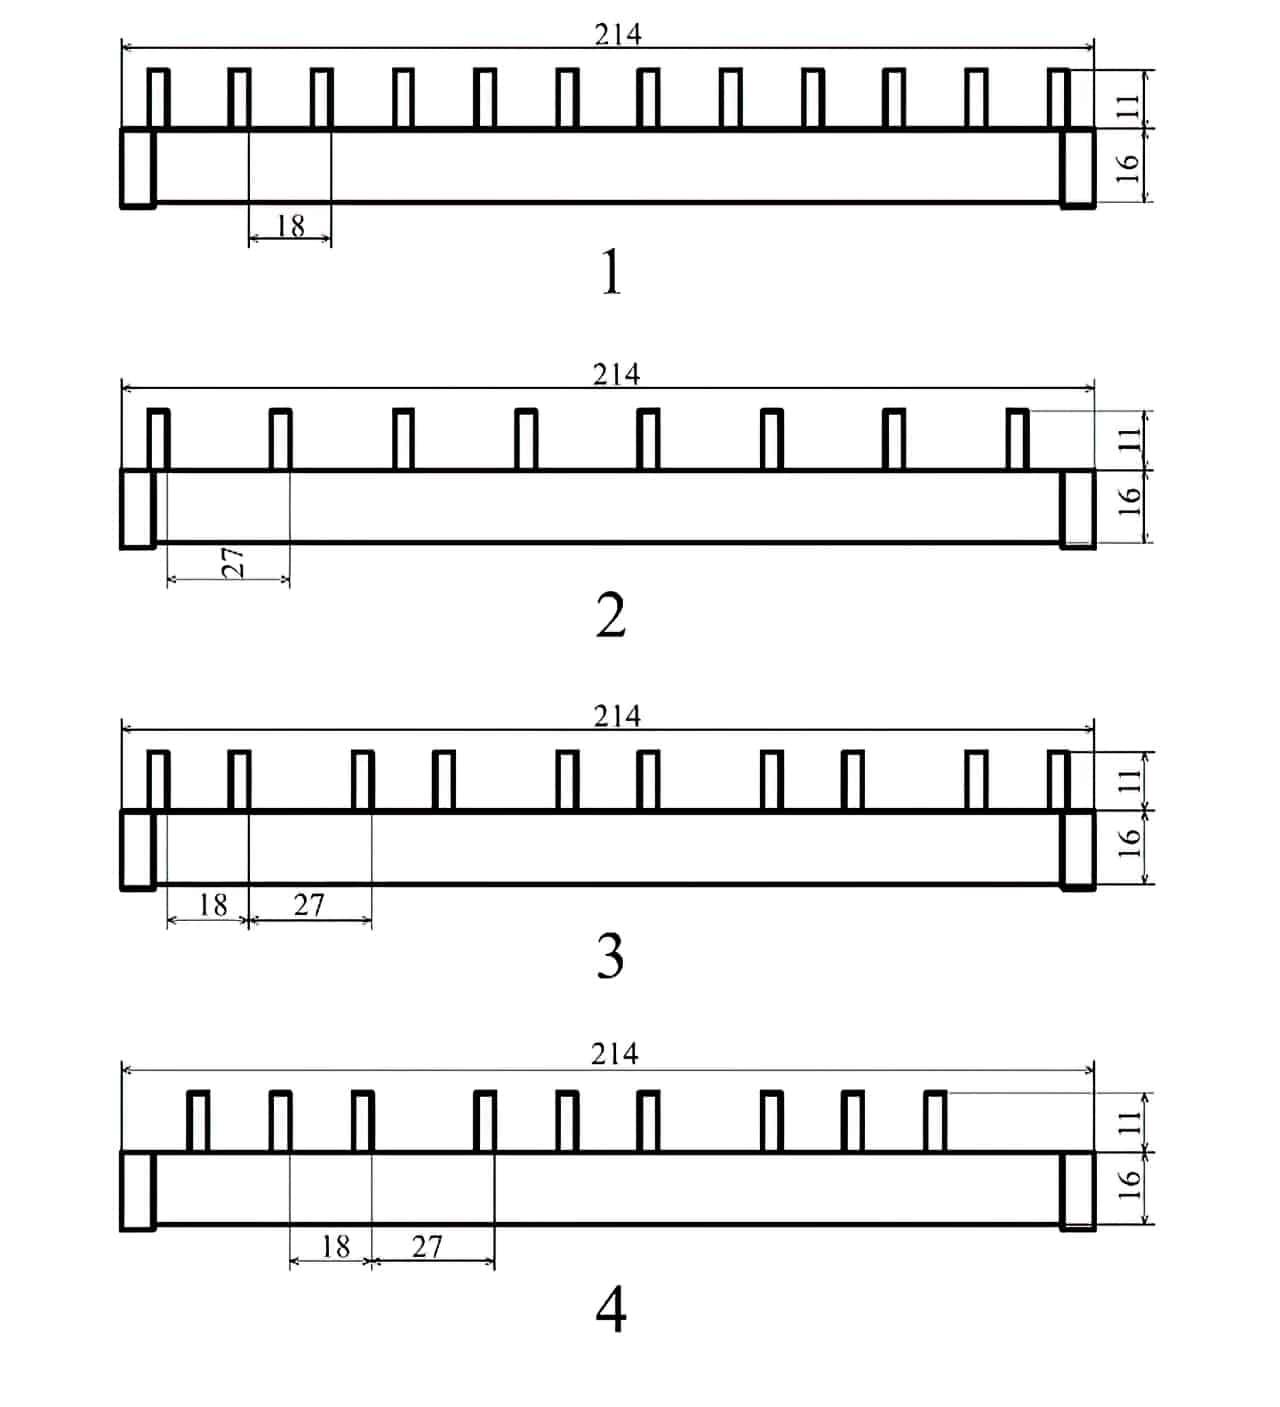 Соединительные шины для автоматических выключателей длиной 214 мм